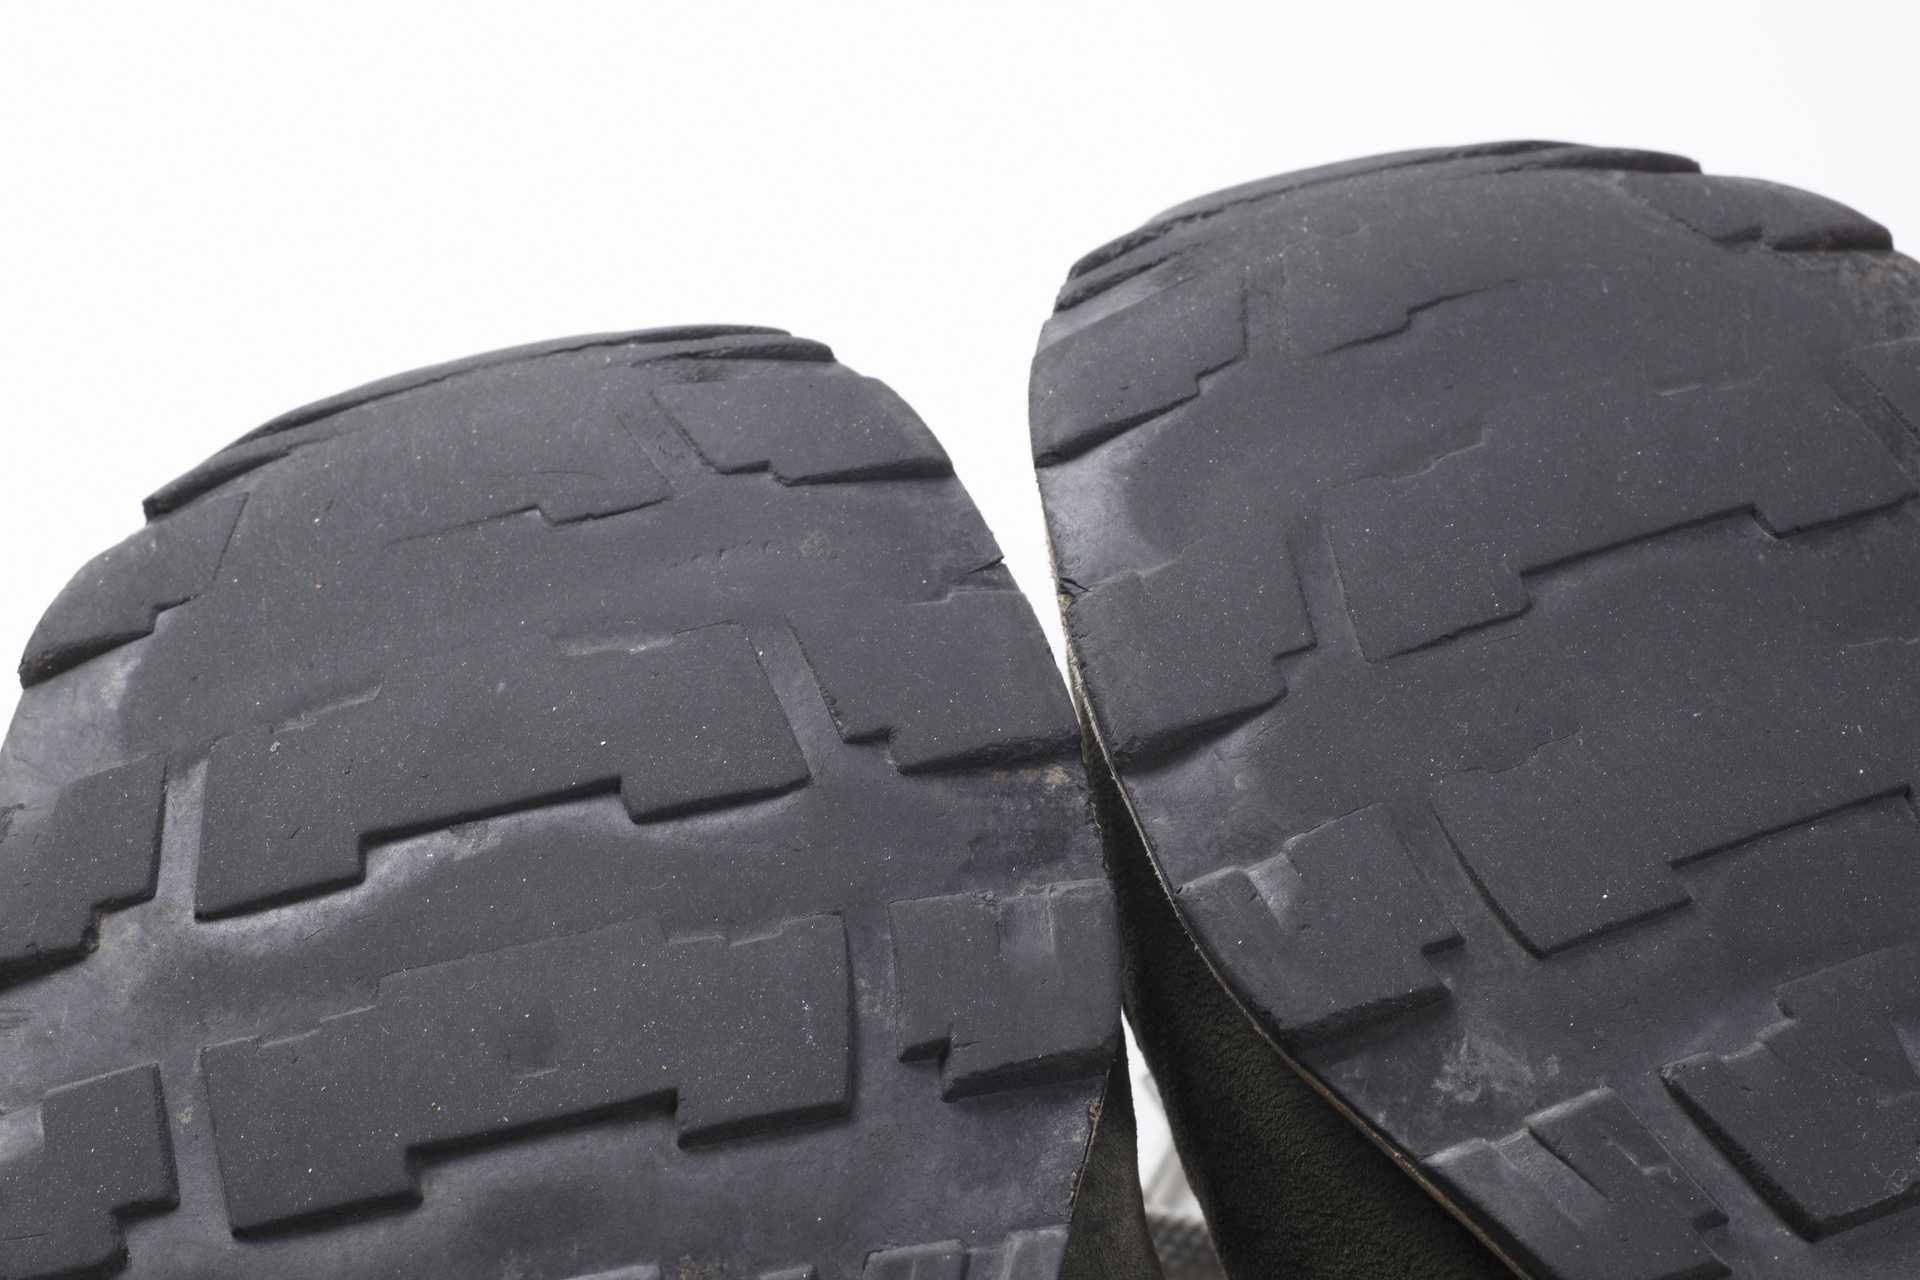 名医は、靴底を見る。靴底だけは嘘をつかない。 | 早朝の散歩習慣のすすめ